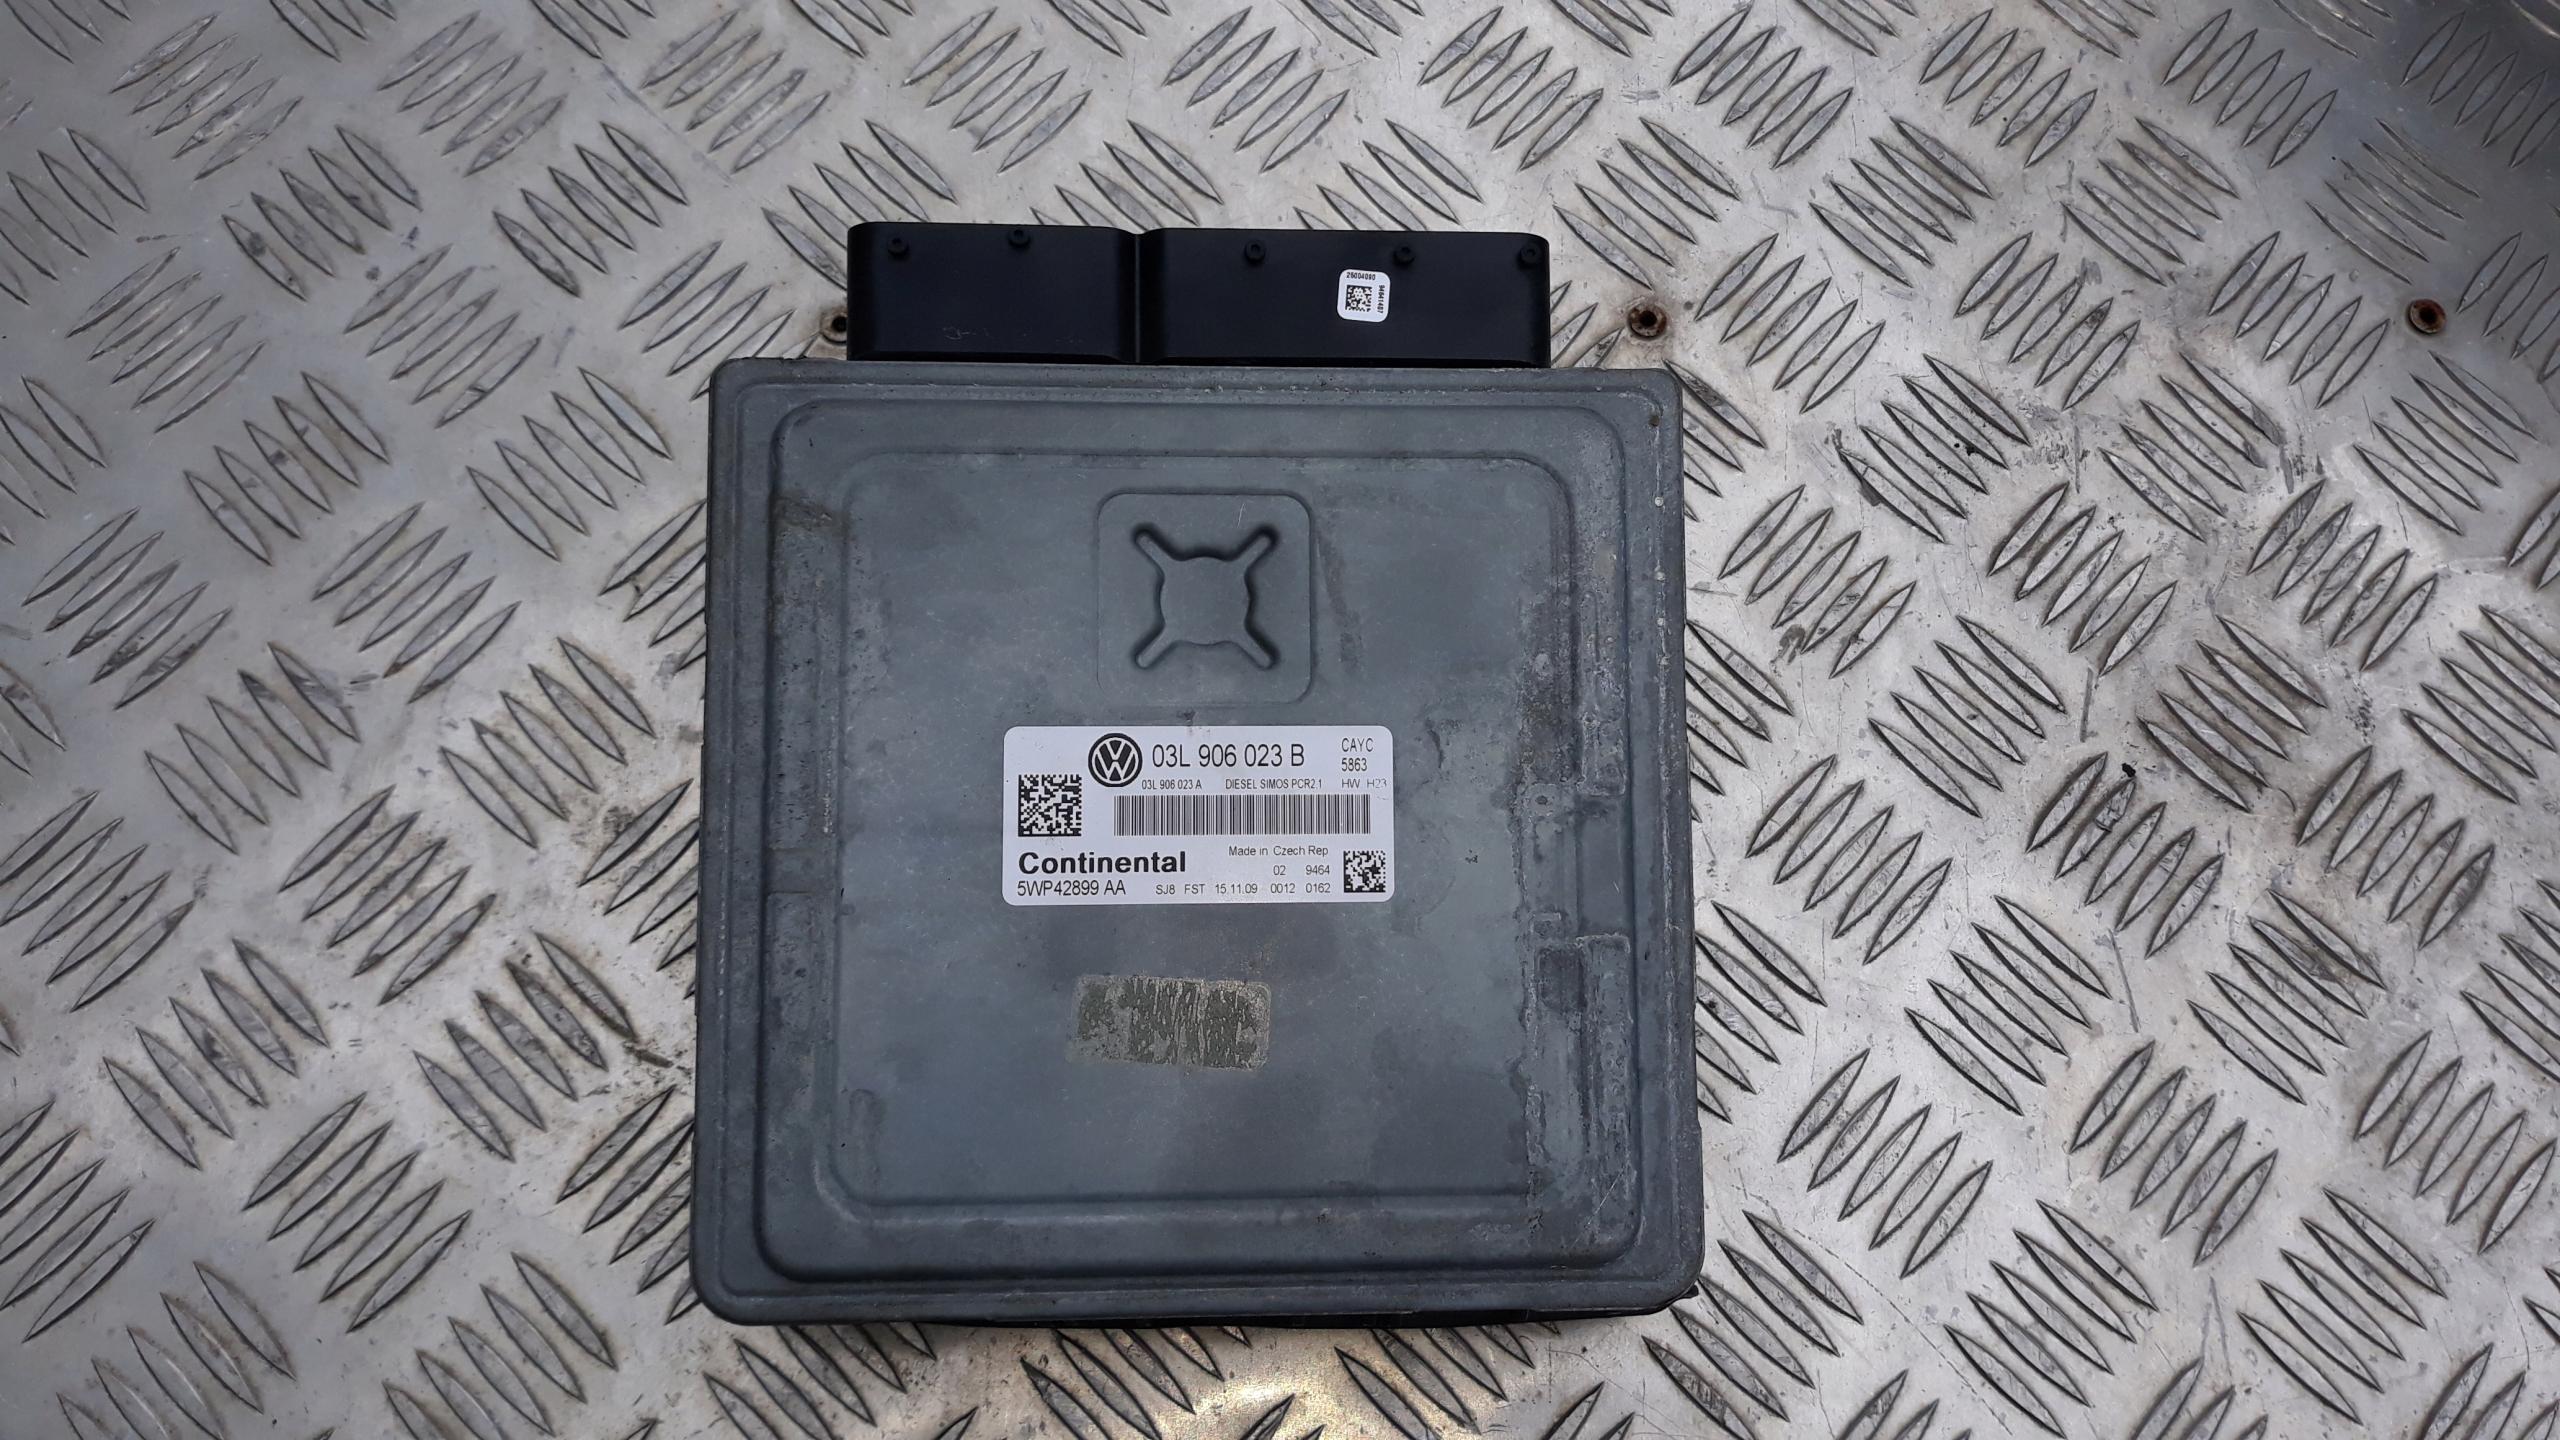 гольф vi 1 6 tdi компьютер двигателя 03l906023b